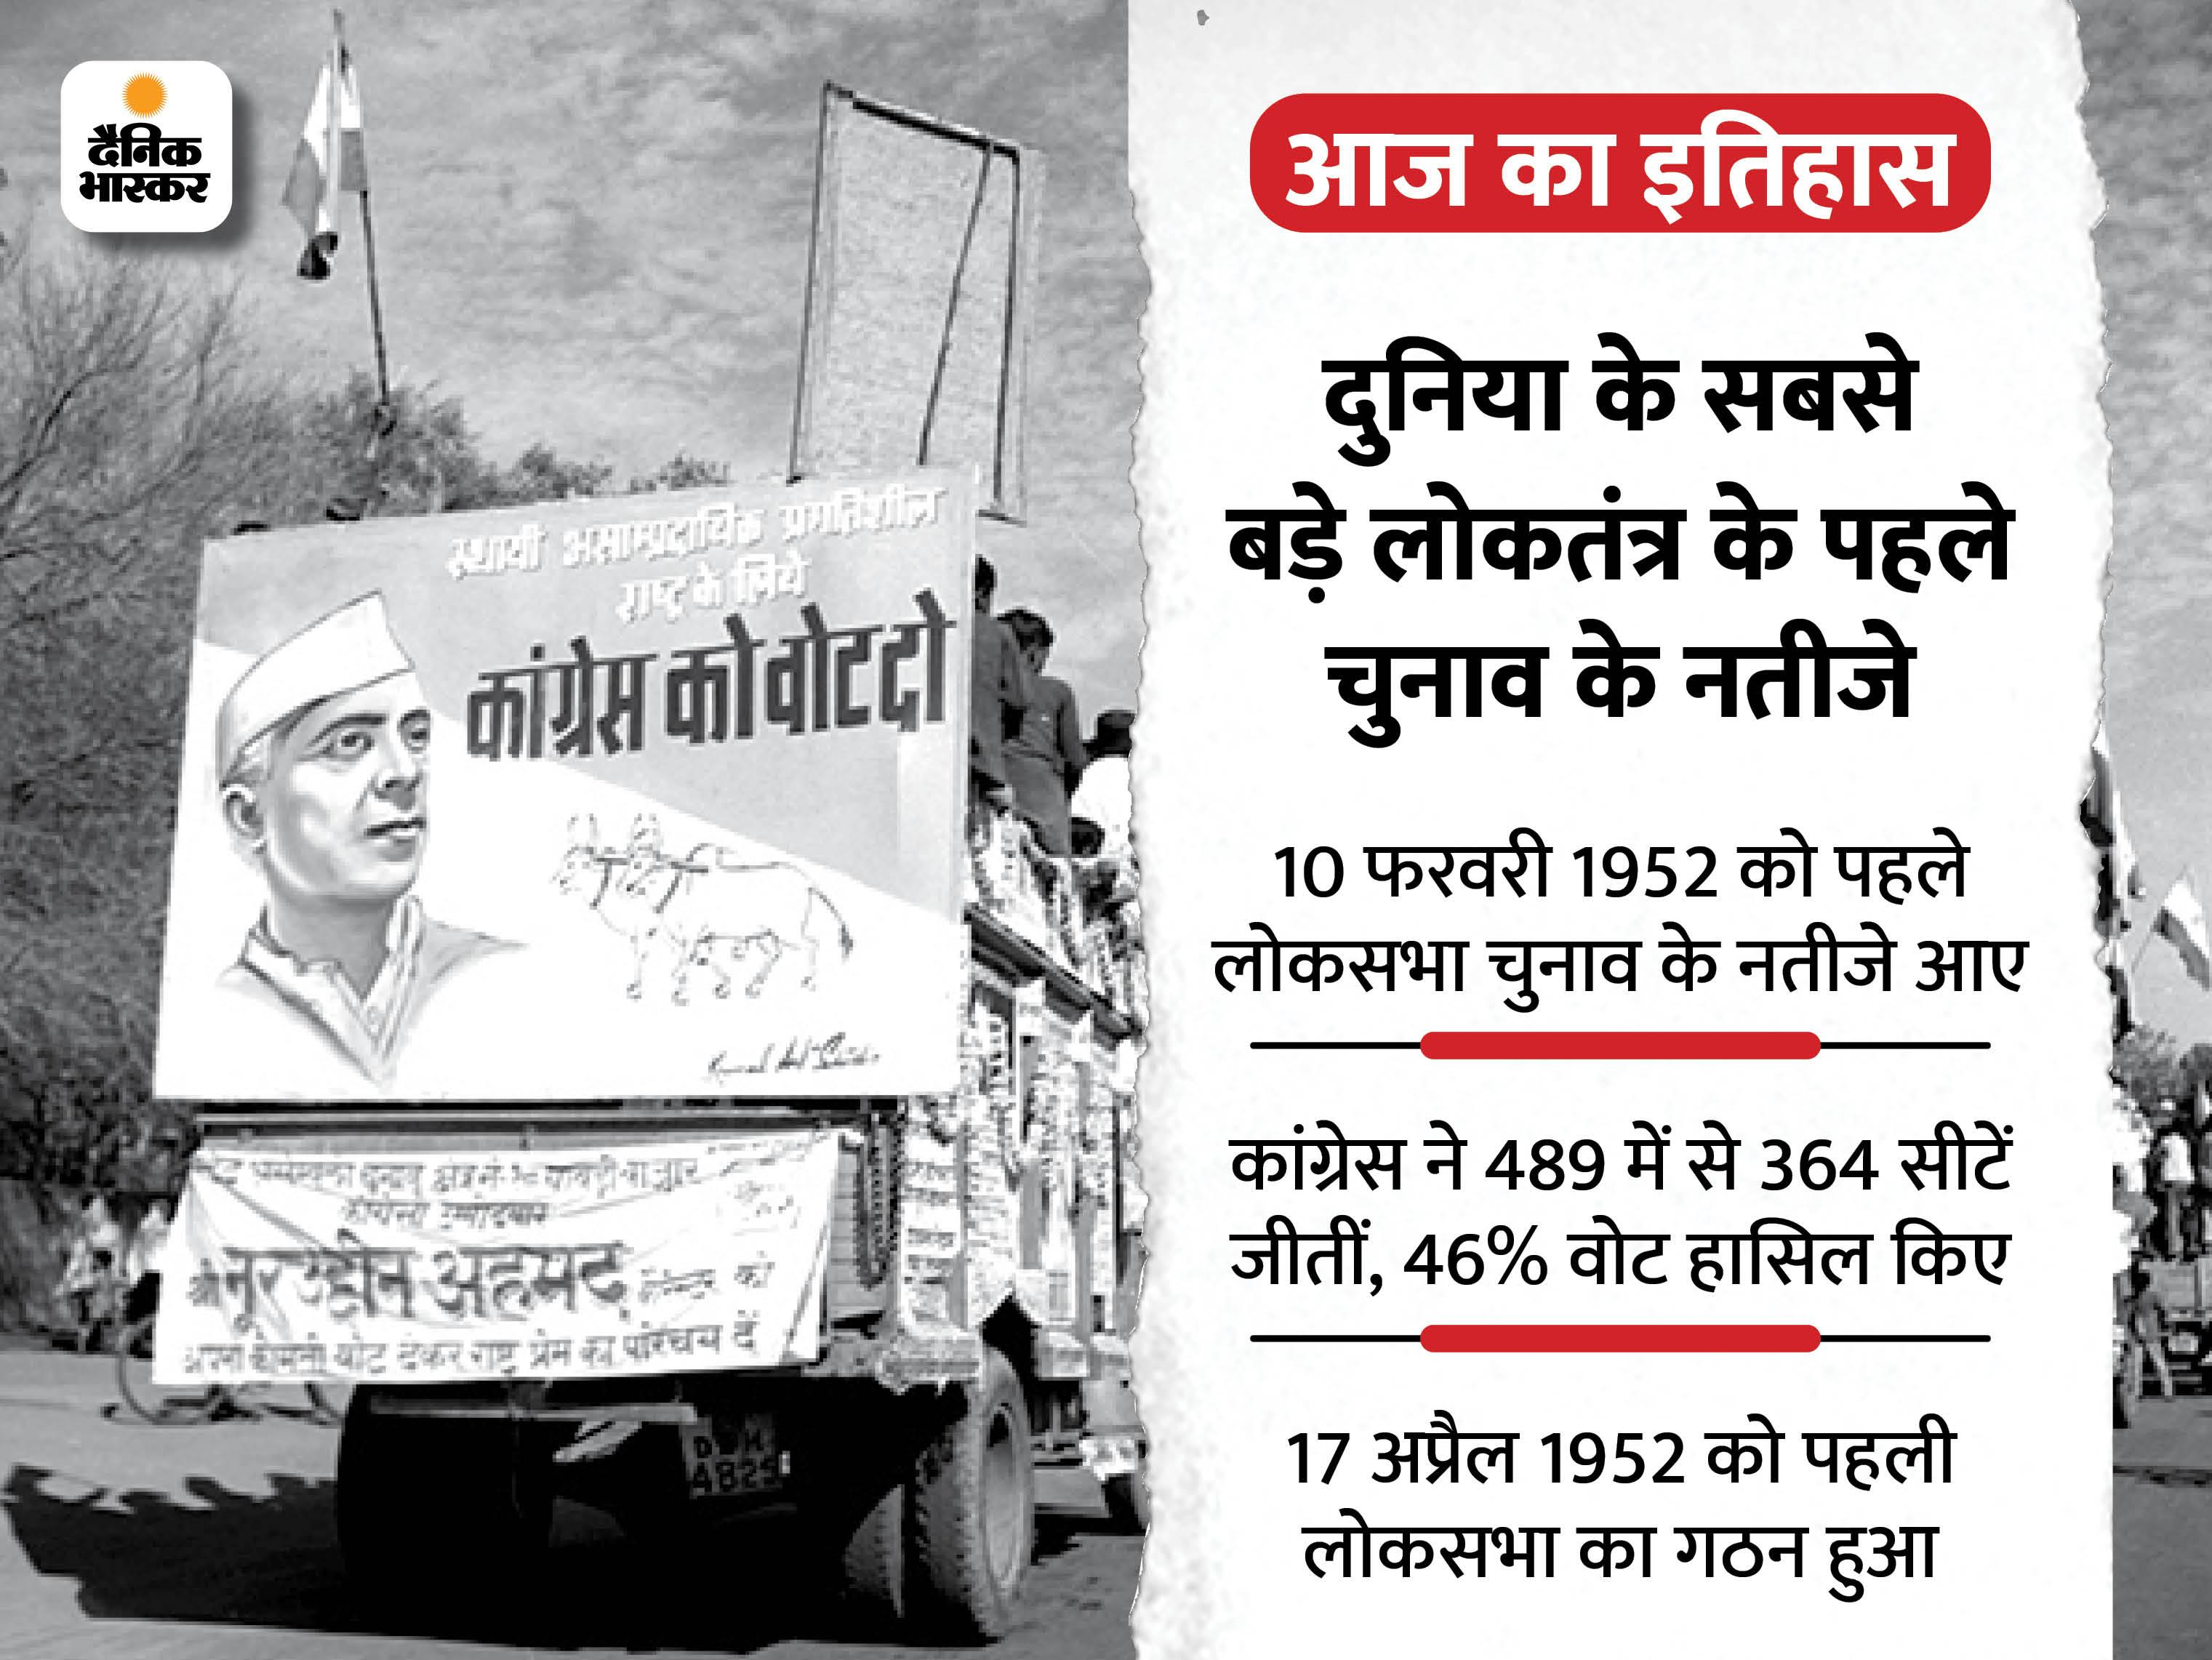 पहले लोकसभा चुनाव में कांग्रेस ने 364 सीटें जीतीं; प्रचार के दौरान नेहरू ने 40 हजार किमी की यात्रा की थी देश,National - Dainik Bhaskar